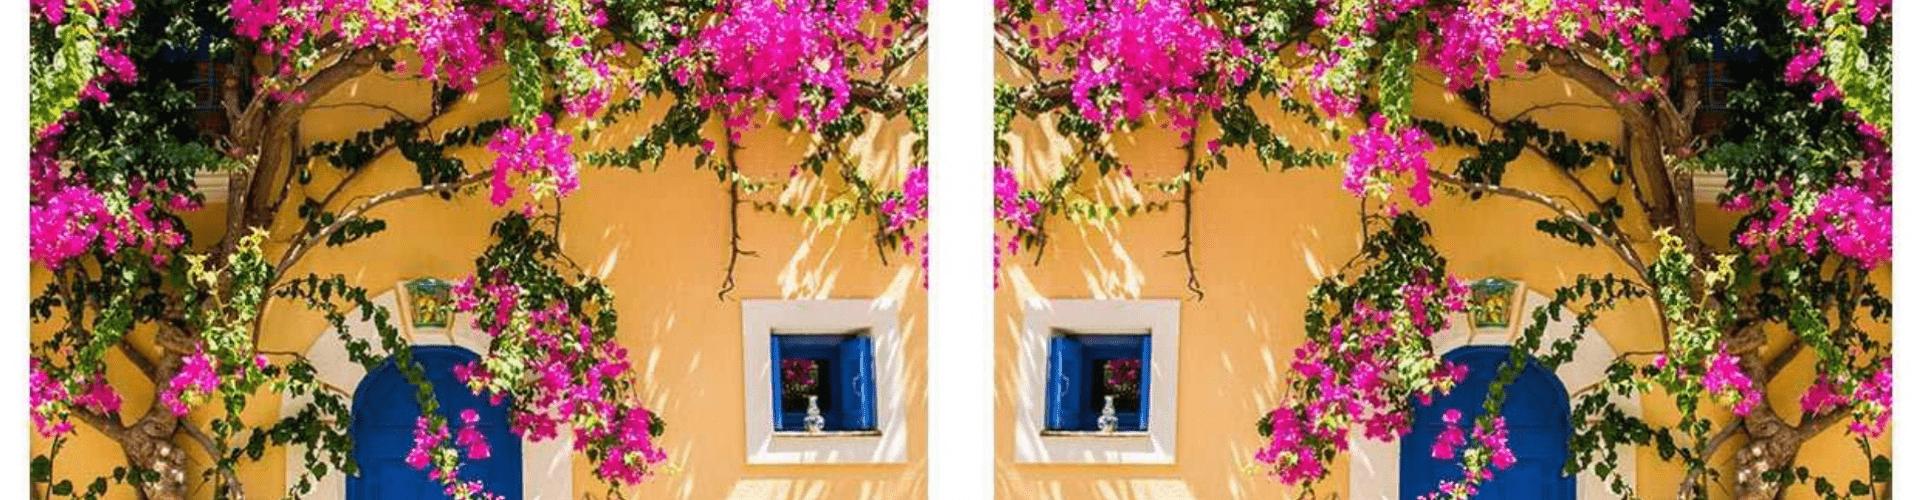 Nyár, színek, virágok